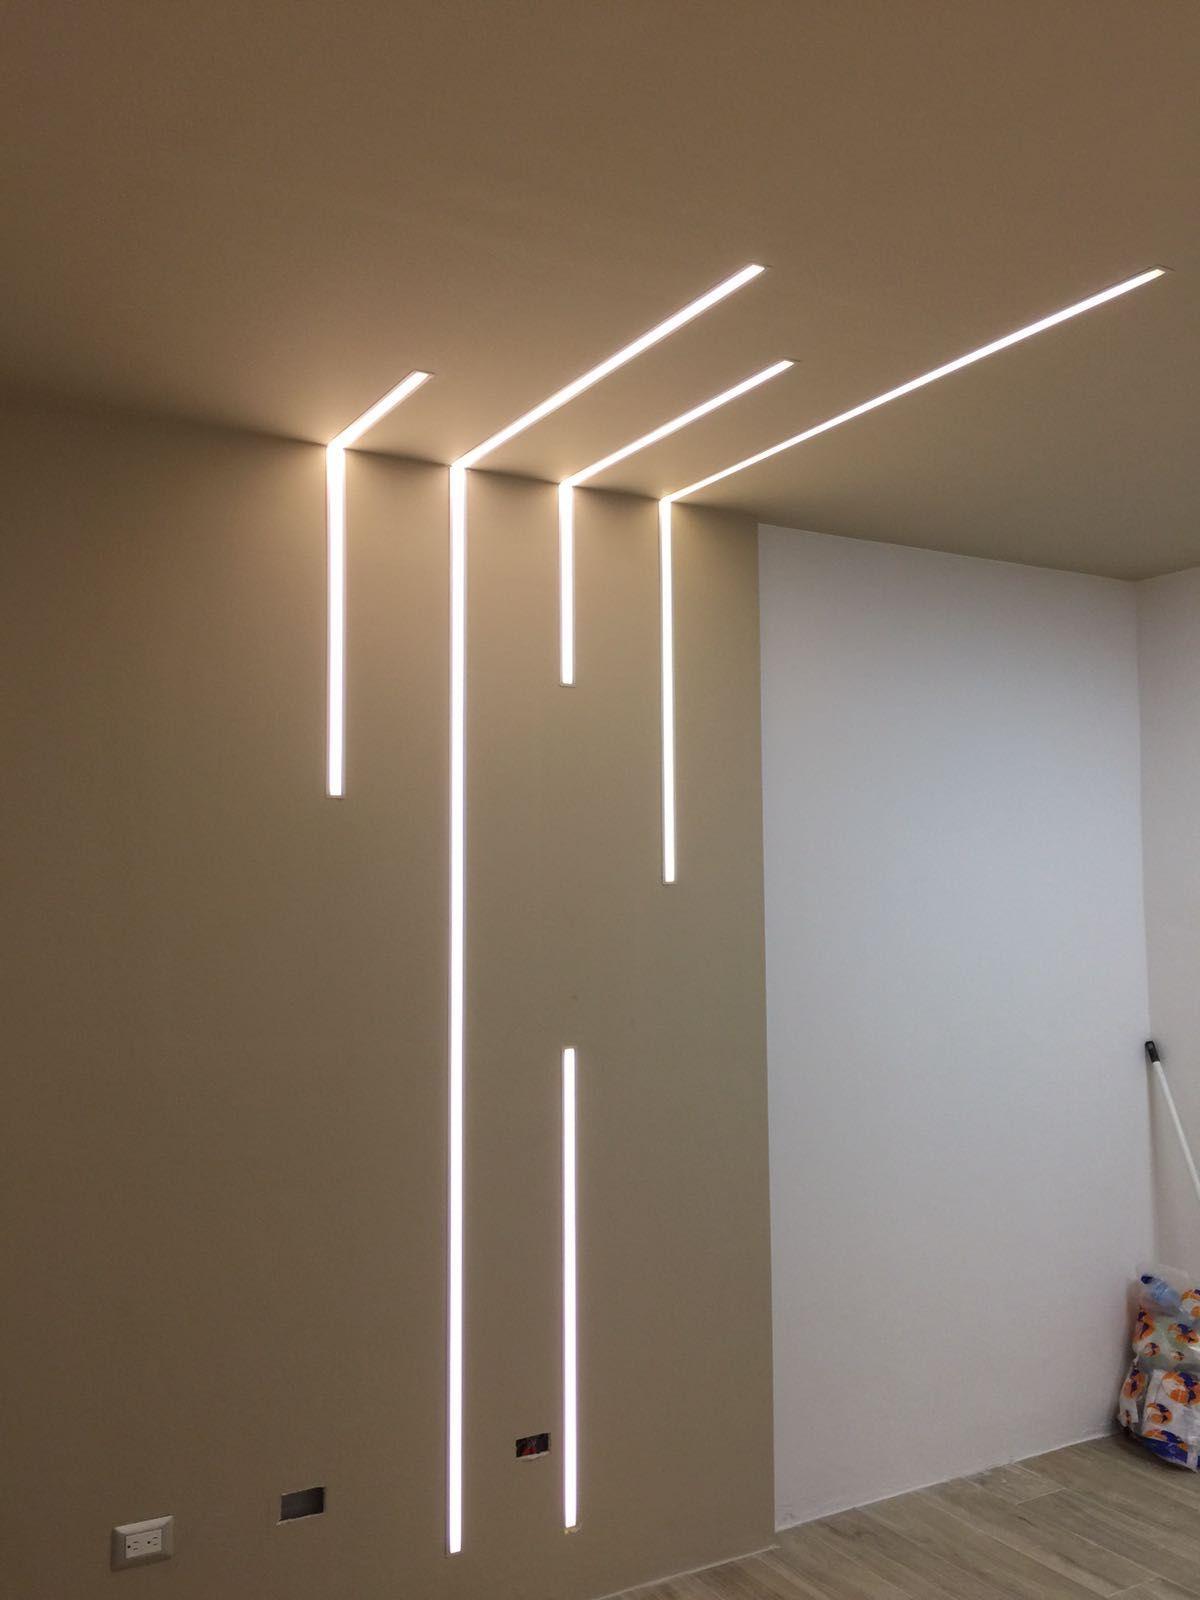 Wohnideen Hausdekor Wohnung Wohnzimmer Dekoration Einrichten Hausdekoration Schlafz Ceiling Light Design Ceiling Design Modern Lighting Design Interior